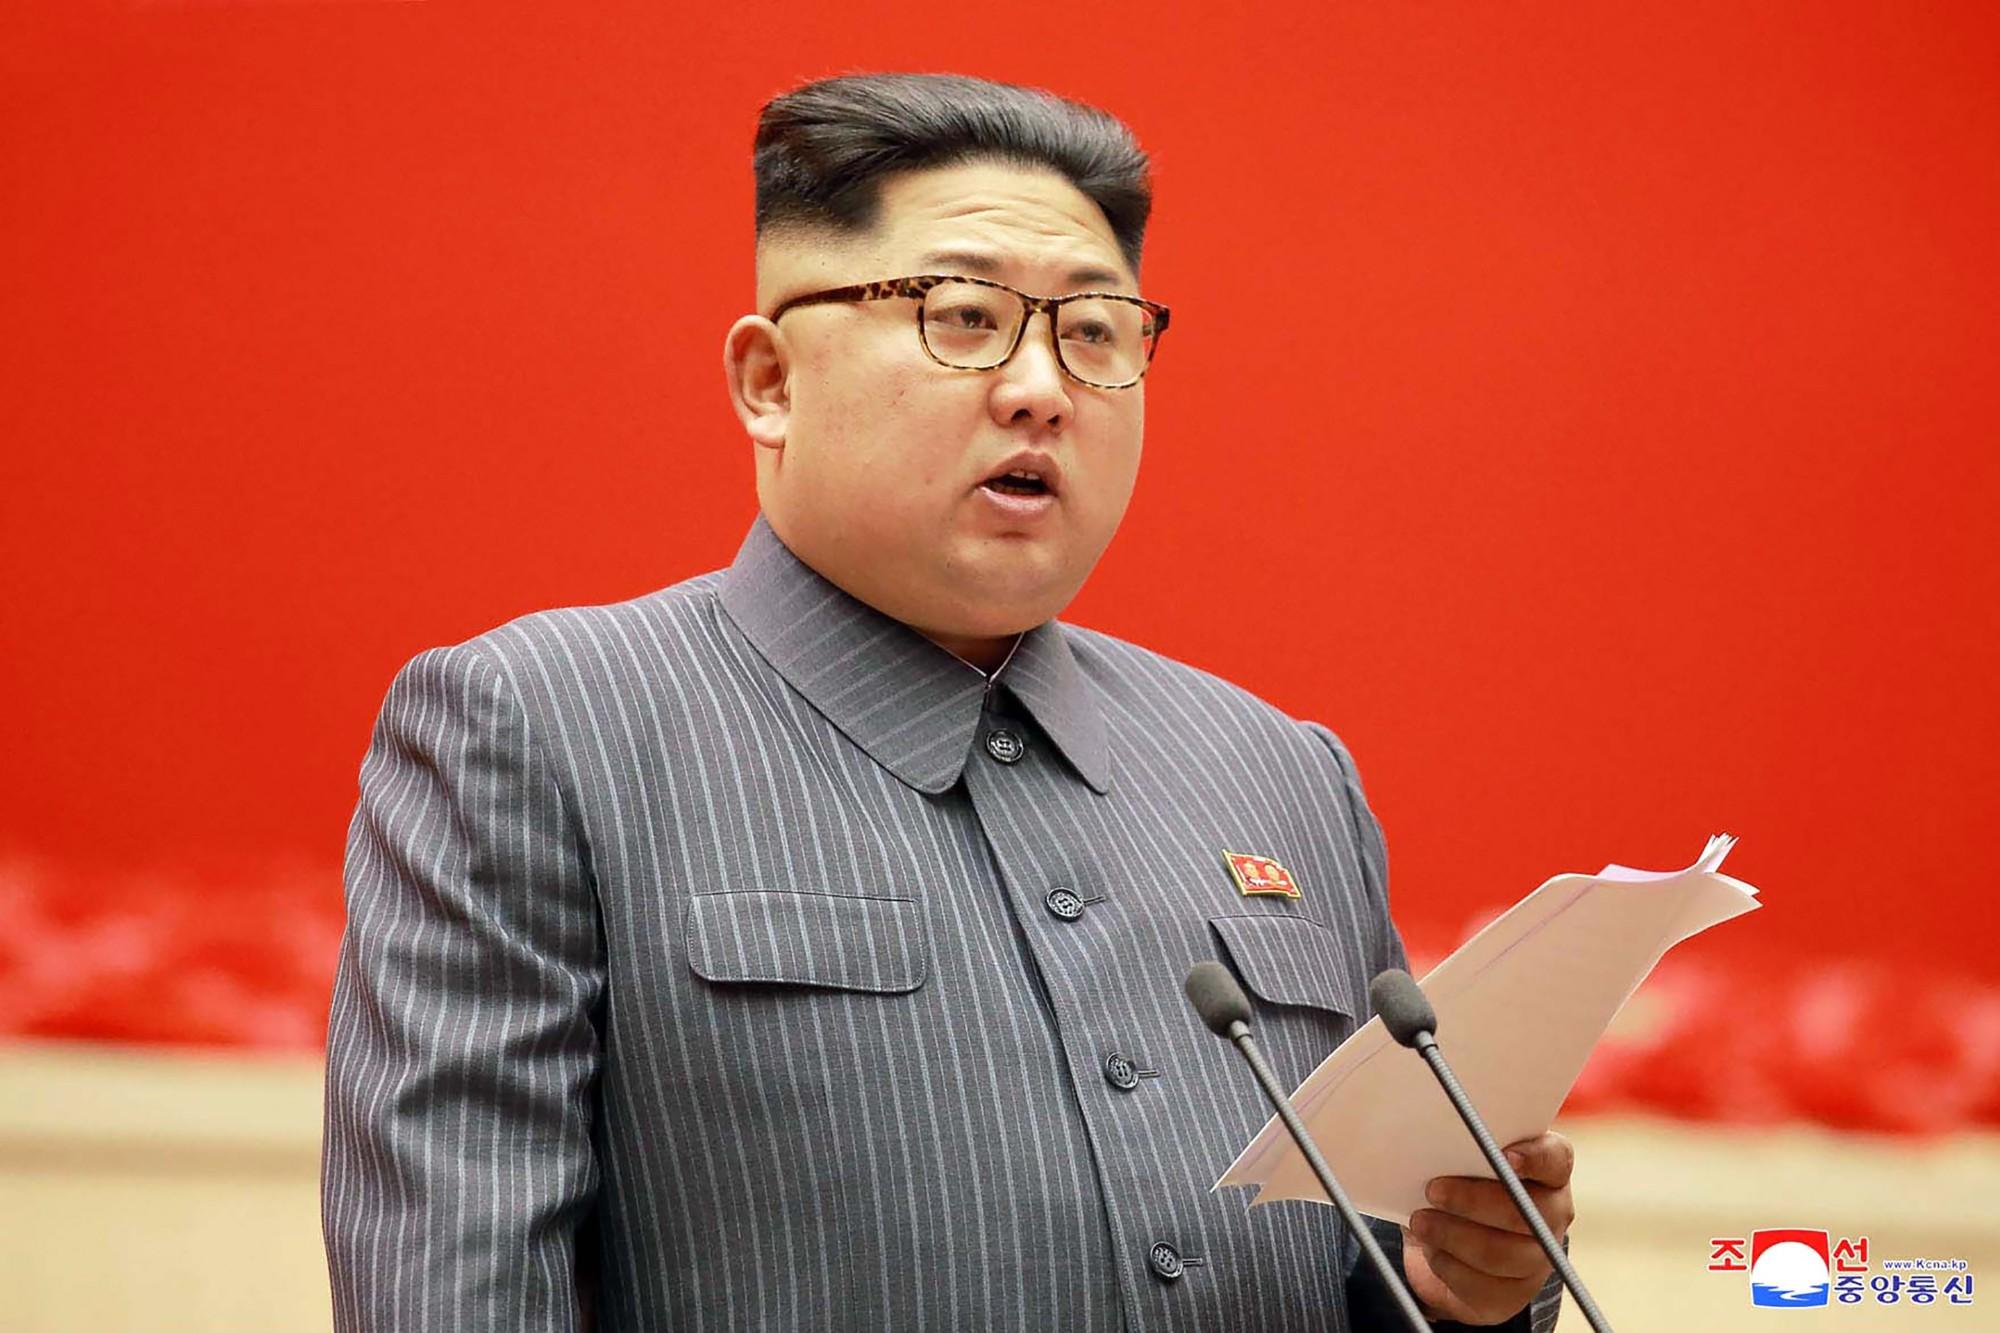 https://images.rtl.fr/~c/2000v2000/rtl/www/1182229-kim-jong-un-l-actuel-dirigeant-supreme-de-la-coree-du-nord.jpg